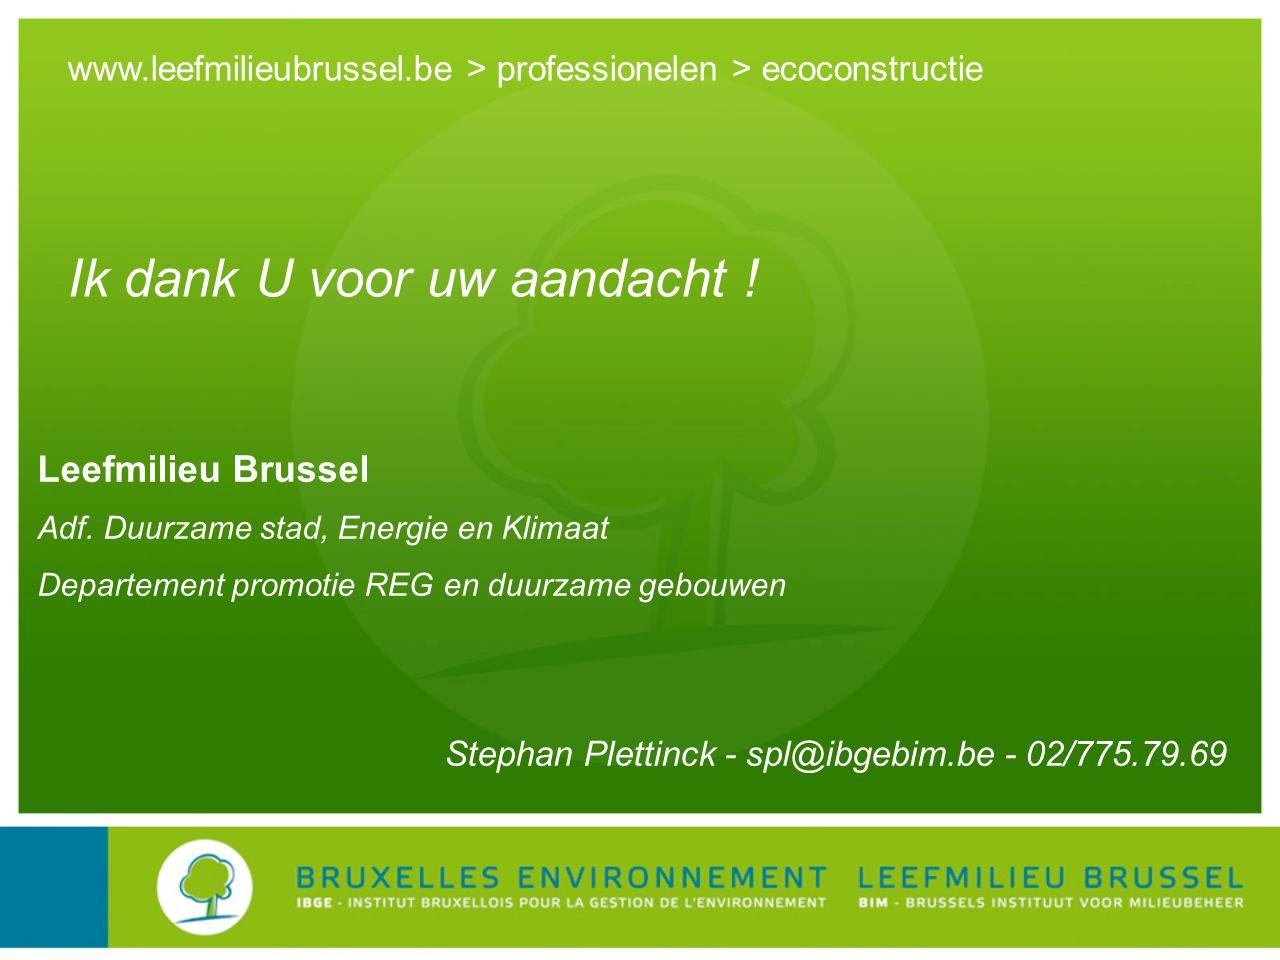 www.leefmilieubrussel.be > professionelen > ecoconstructie Ik dank U voor uw aandacht .